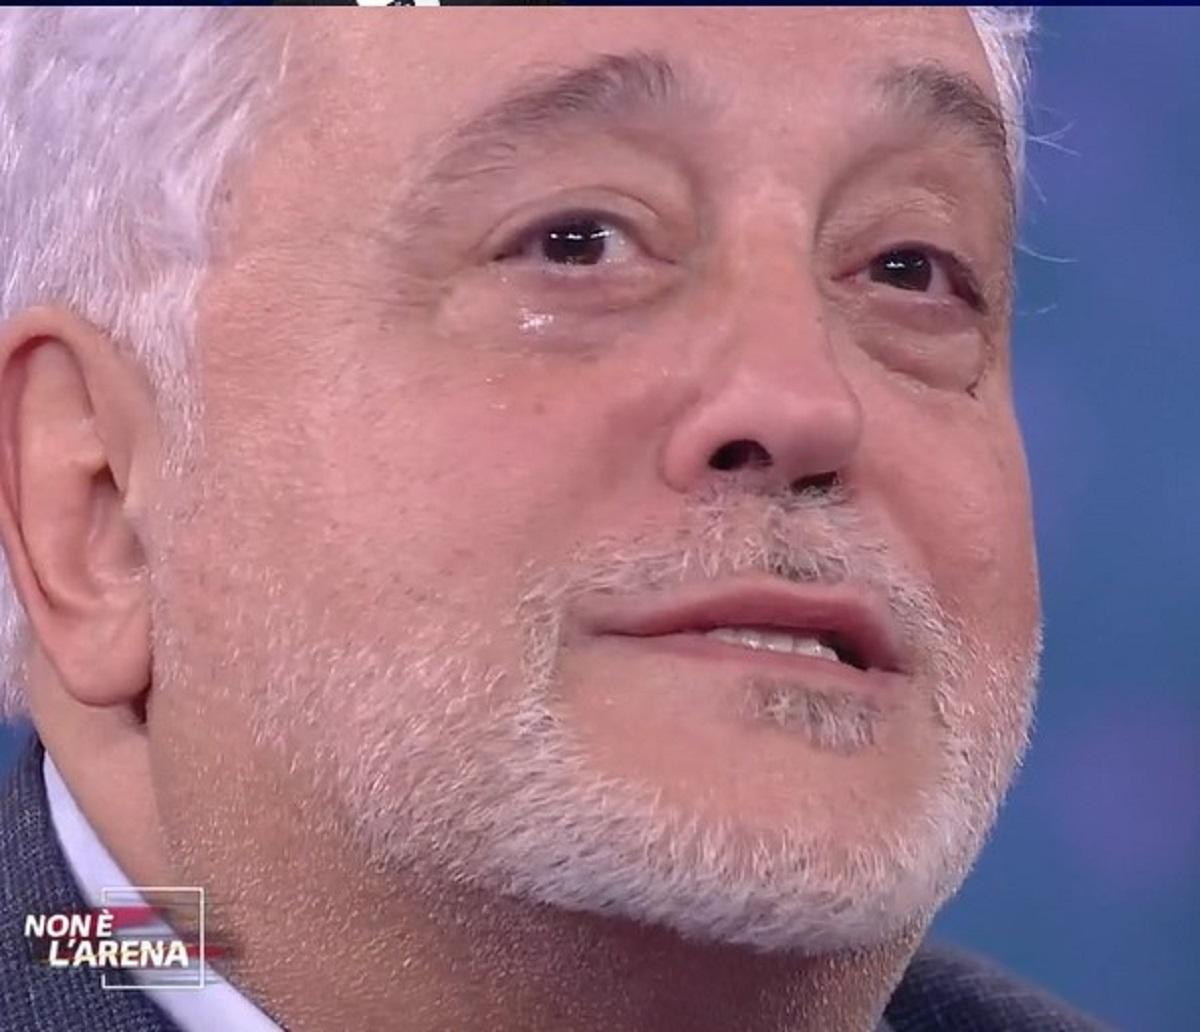 Massimo Tarallo Massimo Giletti Non è l'Arena Aresgate Rosalinda Cannavò